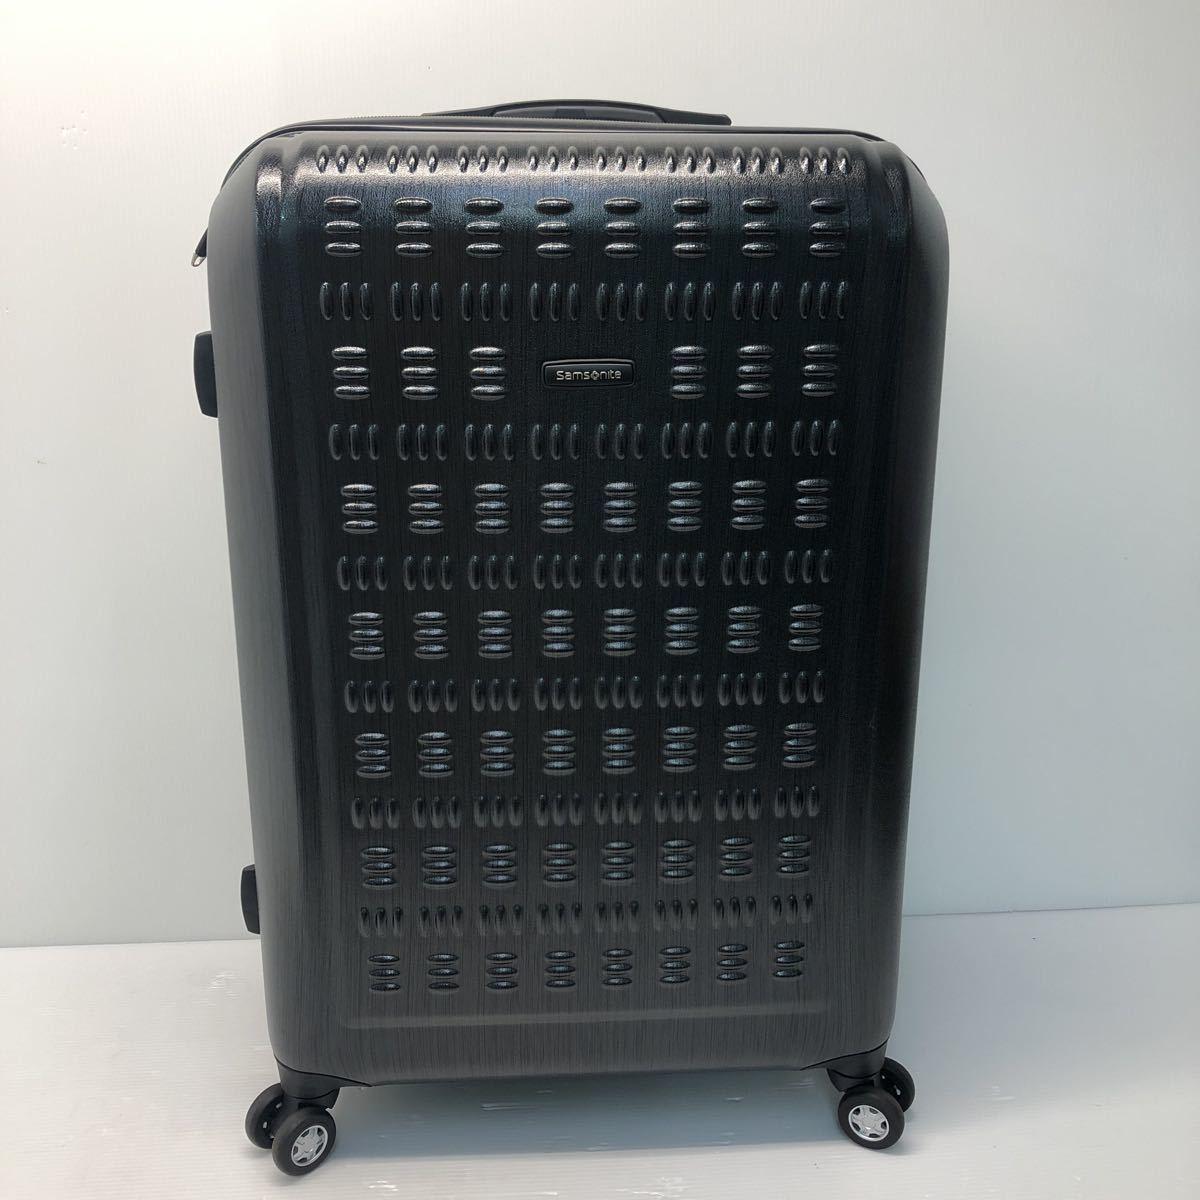 展示品 SAMSONITE サムソナイト スーツケース キャリーバッグ 27インチ